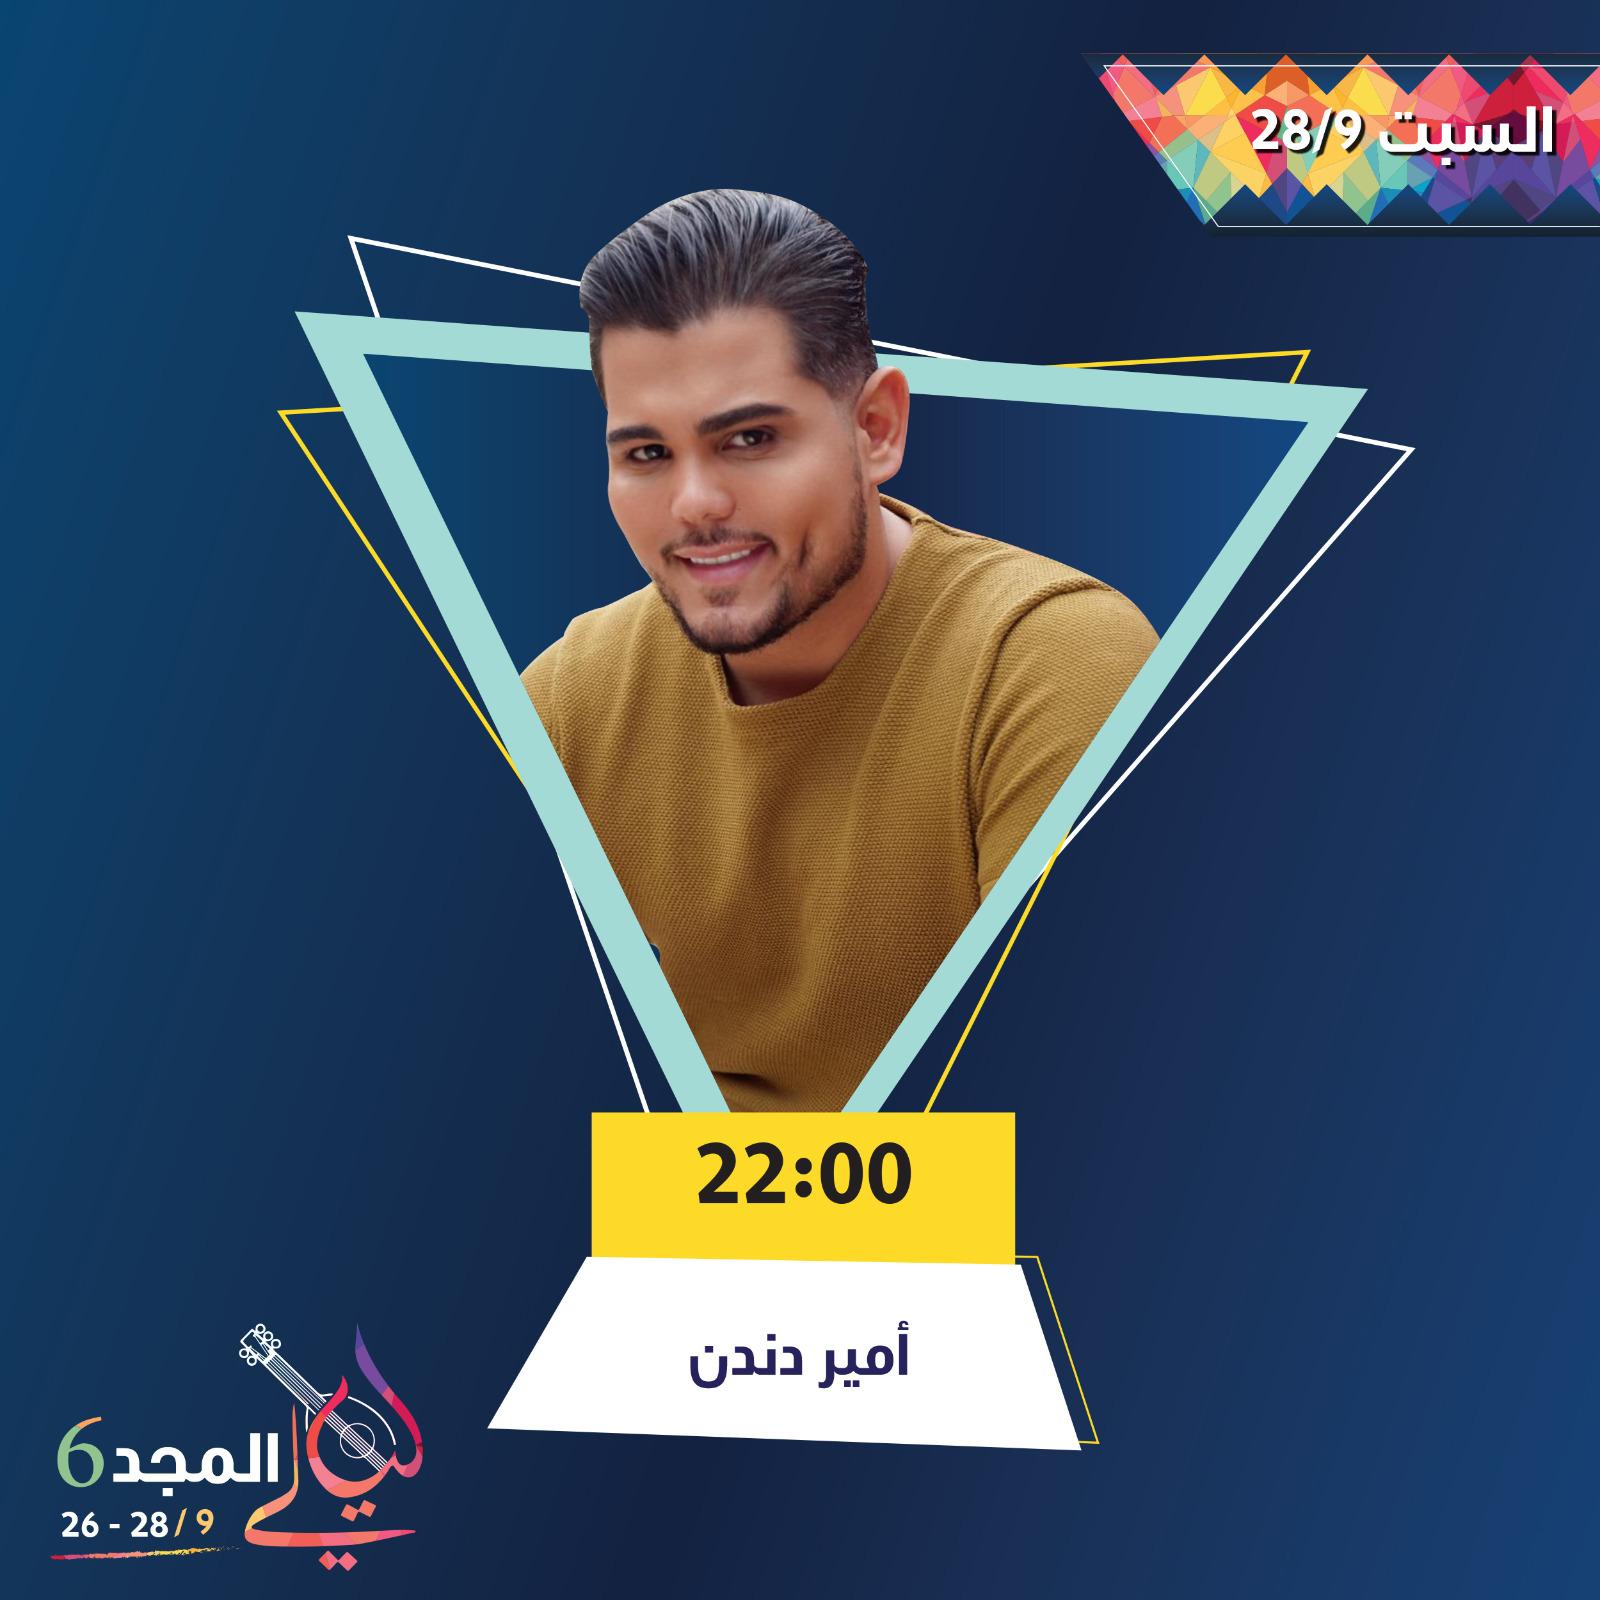 صورة امير دندن يحتفل مع اهل بلده بمهرجان ليالي المجد 6